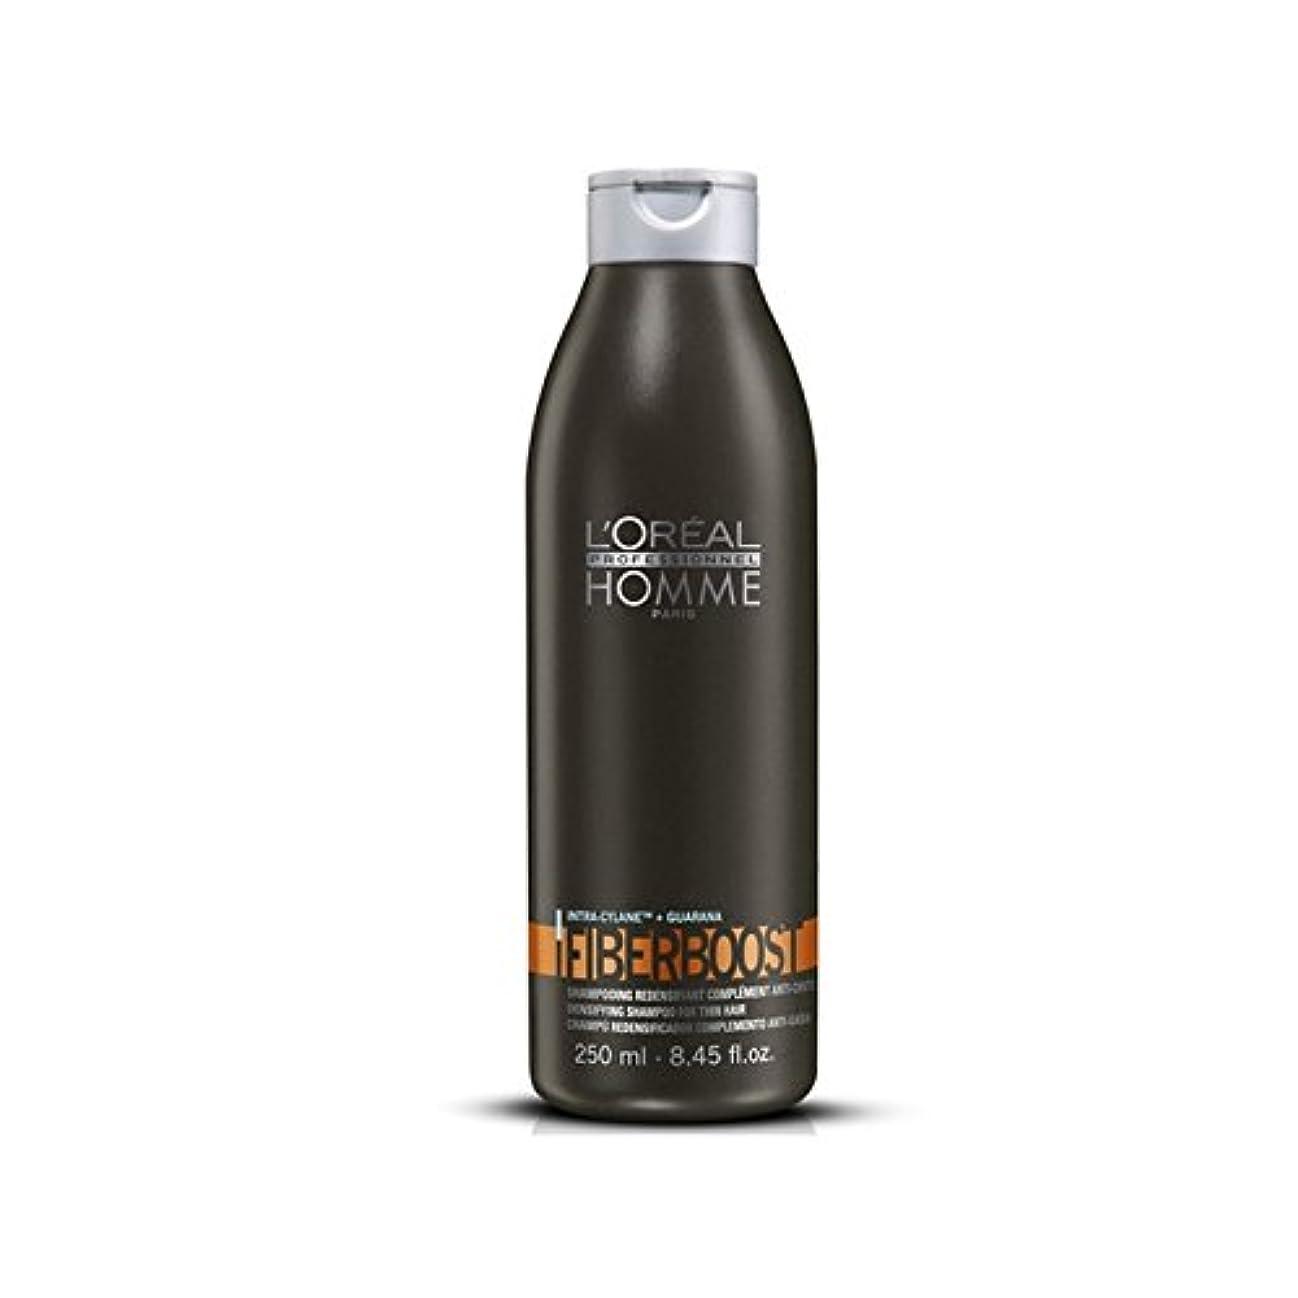 皮肉復活する挽くL'Oreal Professionnel Homme Shampoo Fiberboost (250ml) - ロレアルプロフェッショナルオムシャンプー(250ミリリットル) [並行輸入品]